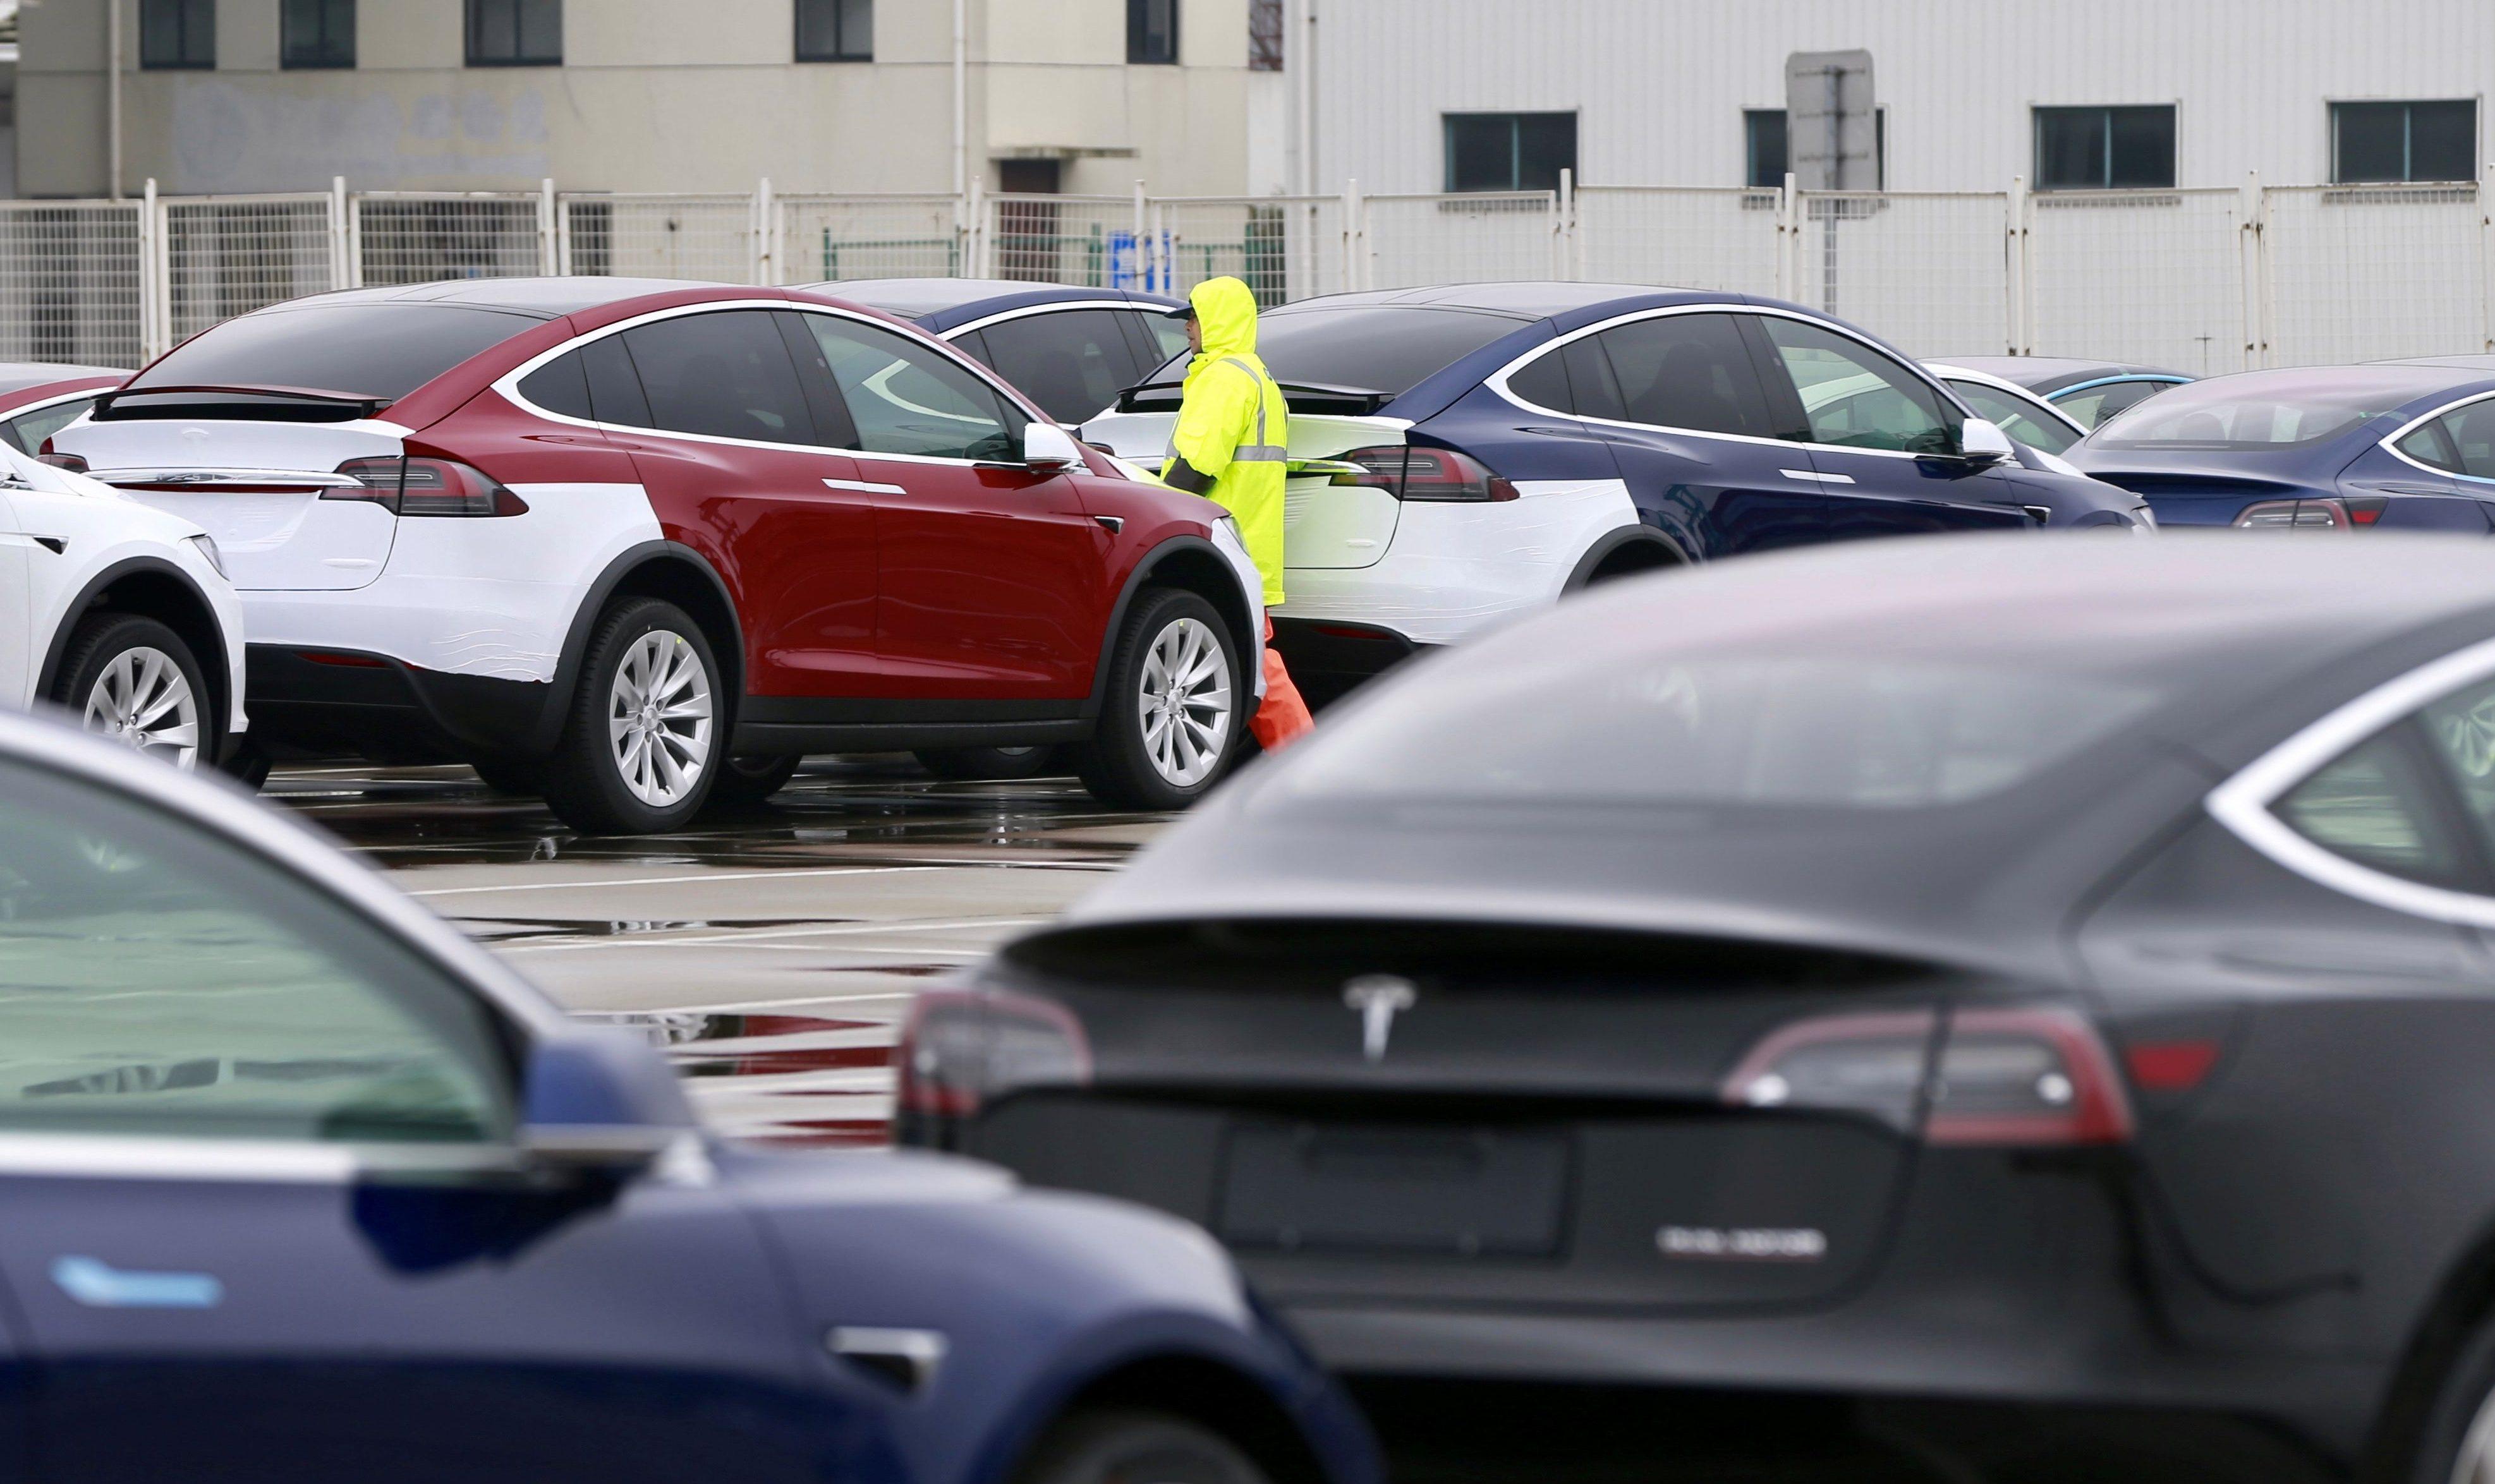 Tesla reaches deal after China halts sales of Model 3 — Quartz